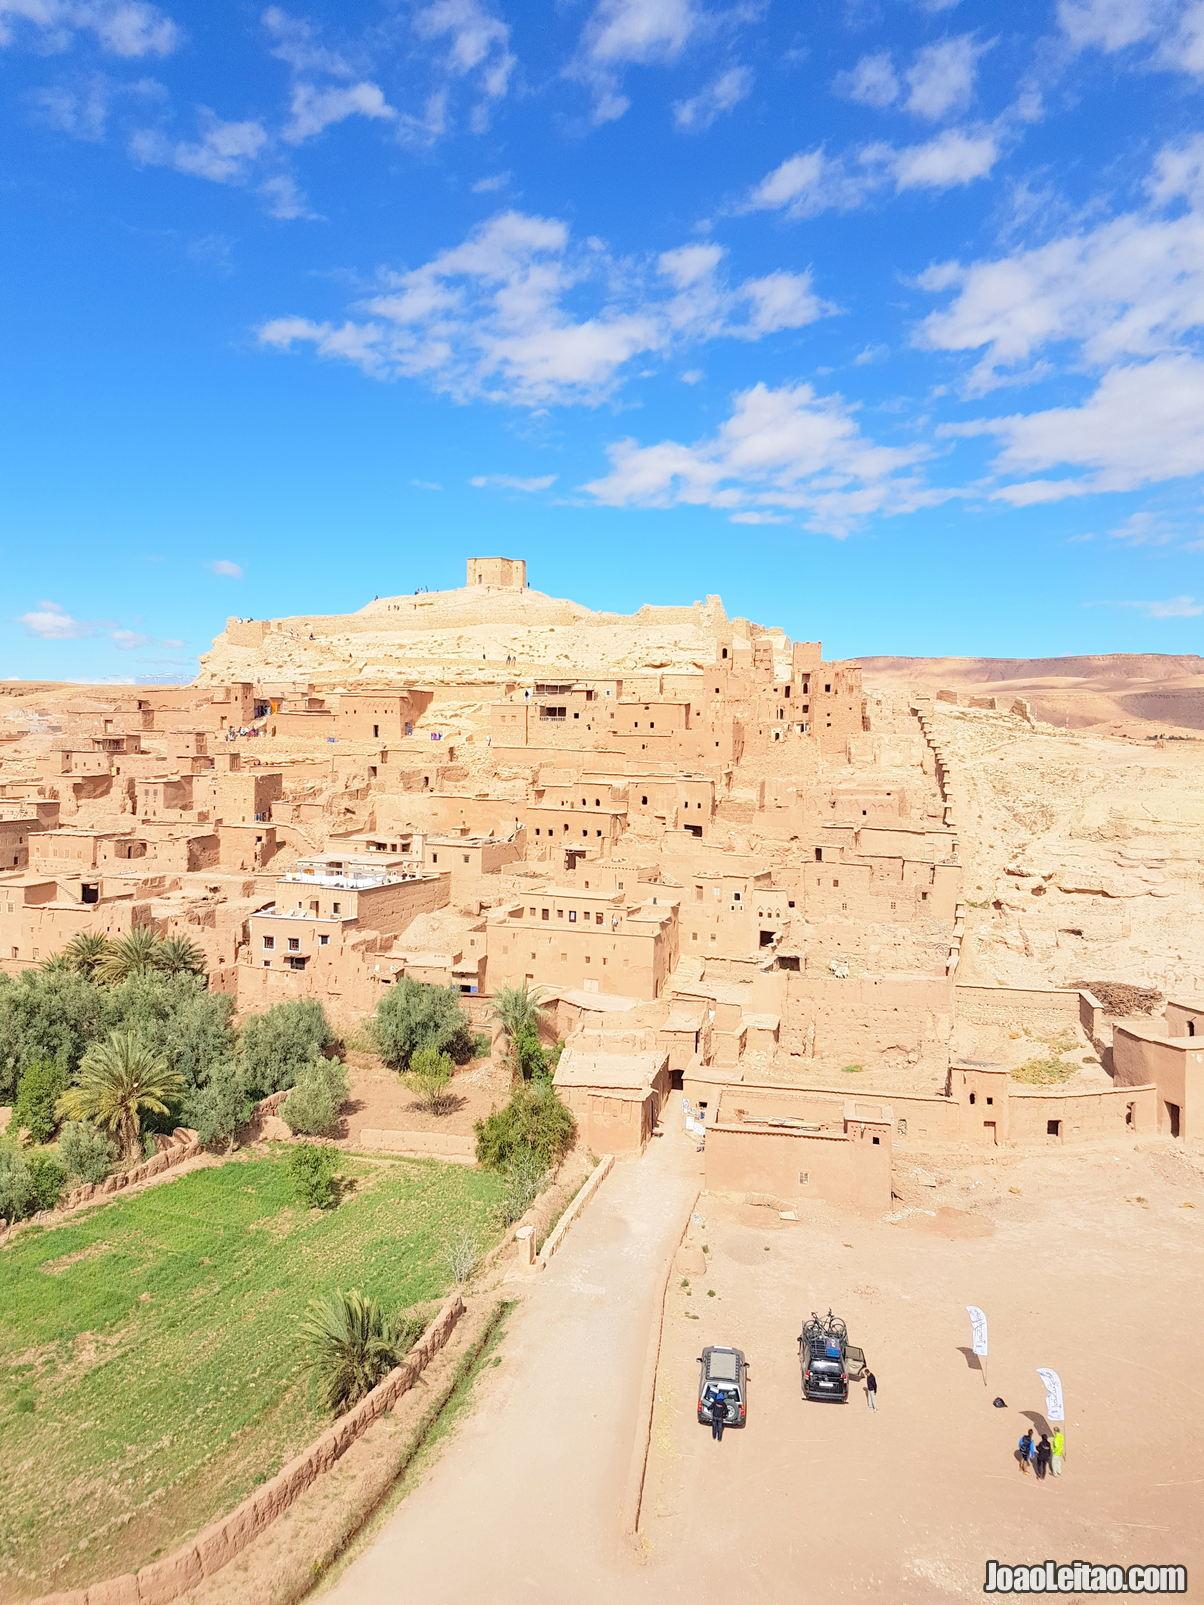 Marrocos • Guia de Viagem • O que Visitar em Marrocos 11